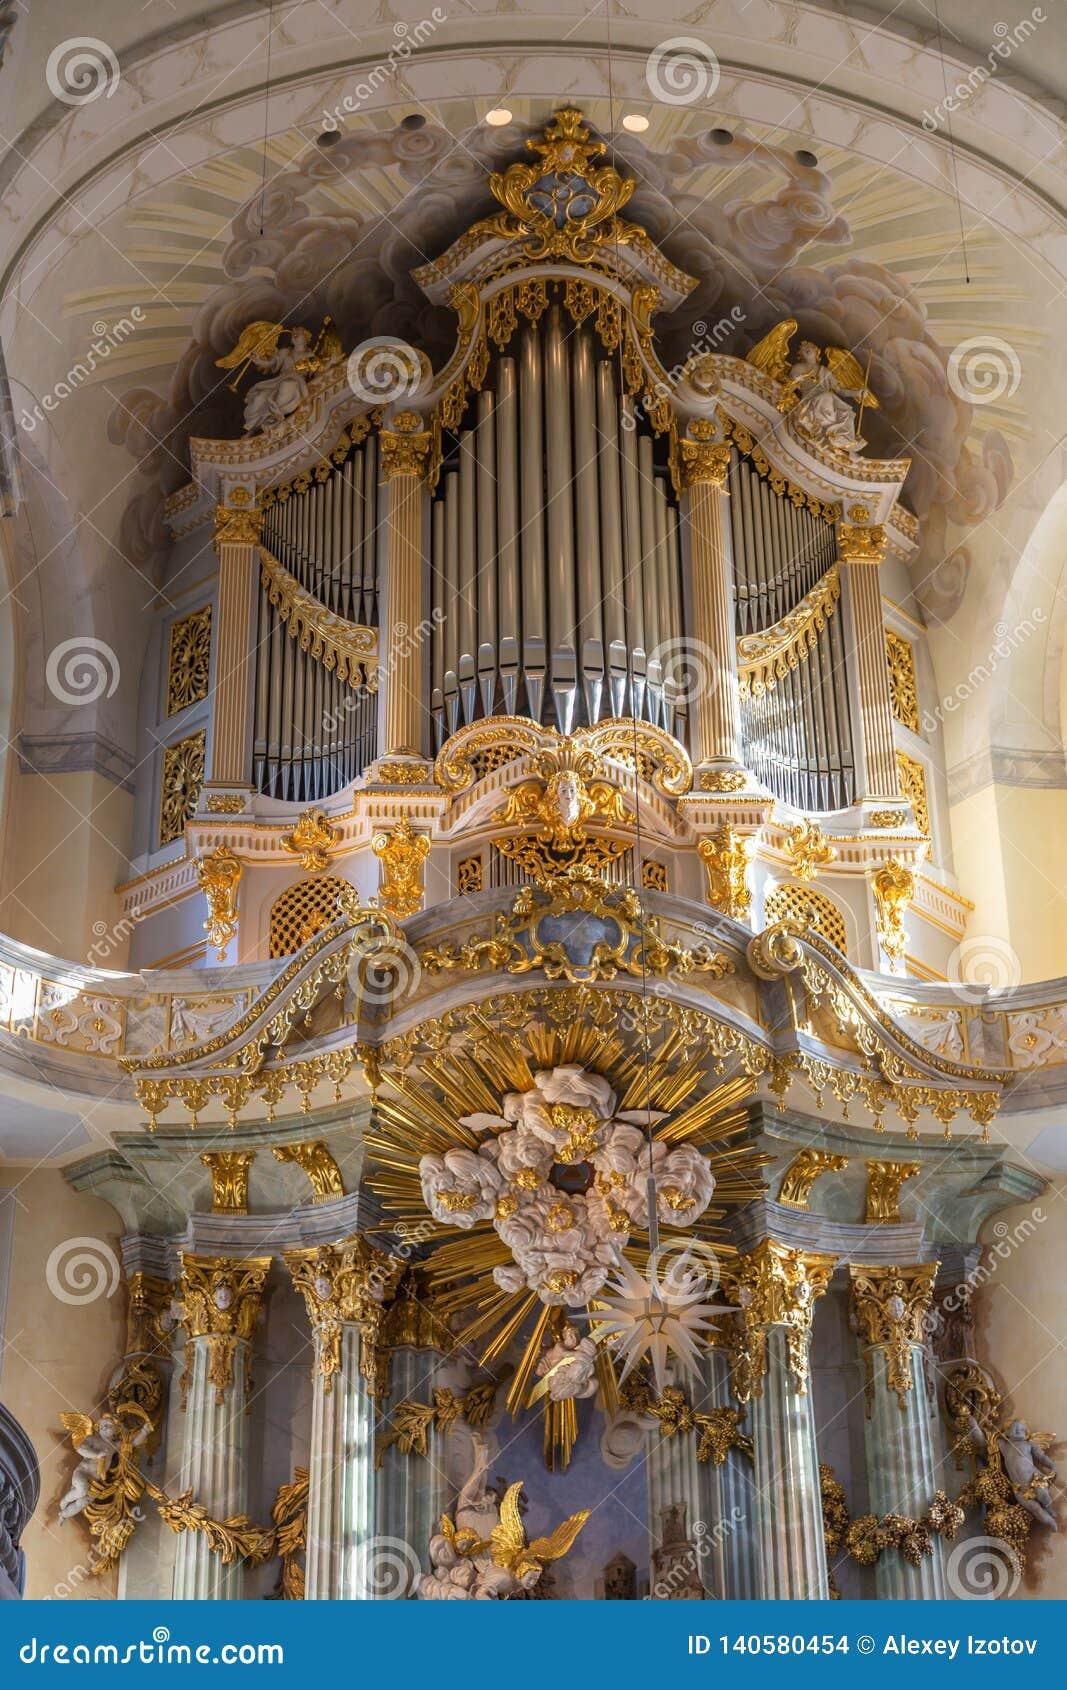 Όμορφο χαρασμένο επιχρυσωμένο όργανο στην εκκλησία Frauenkirche στη Δρέσδη, Γερμανία